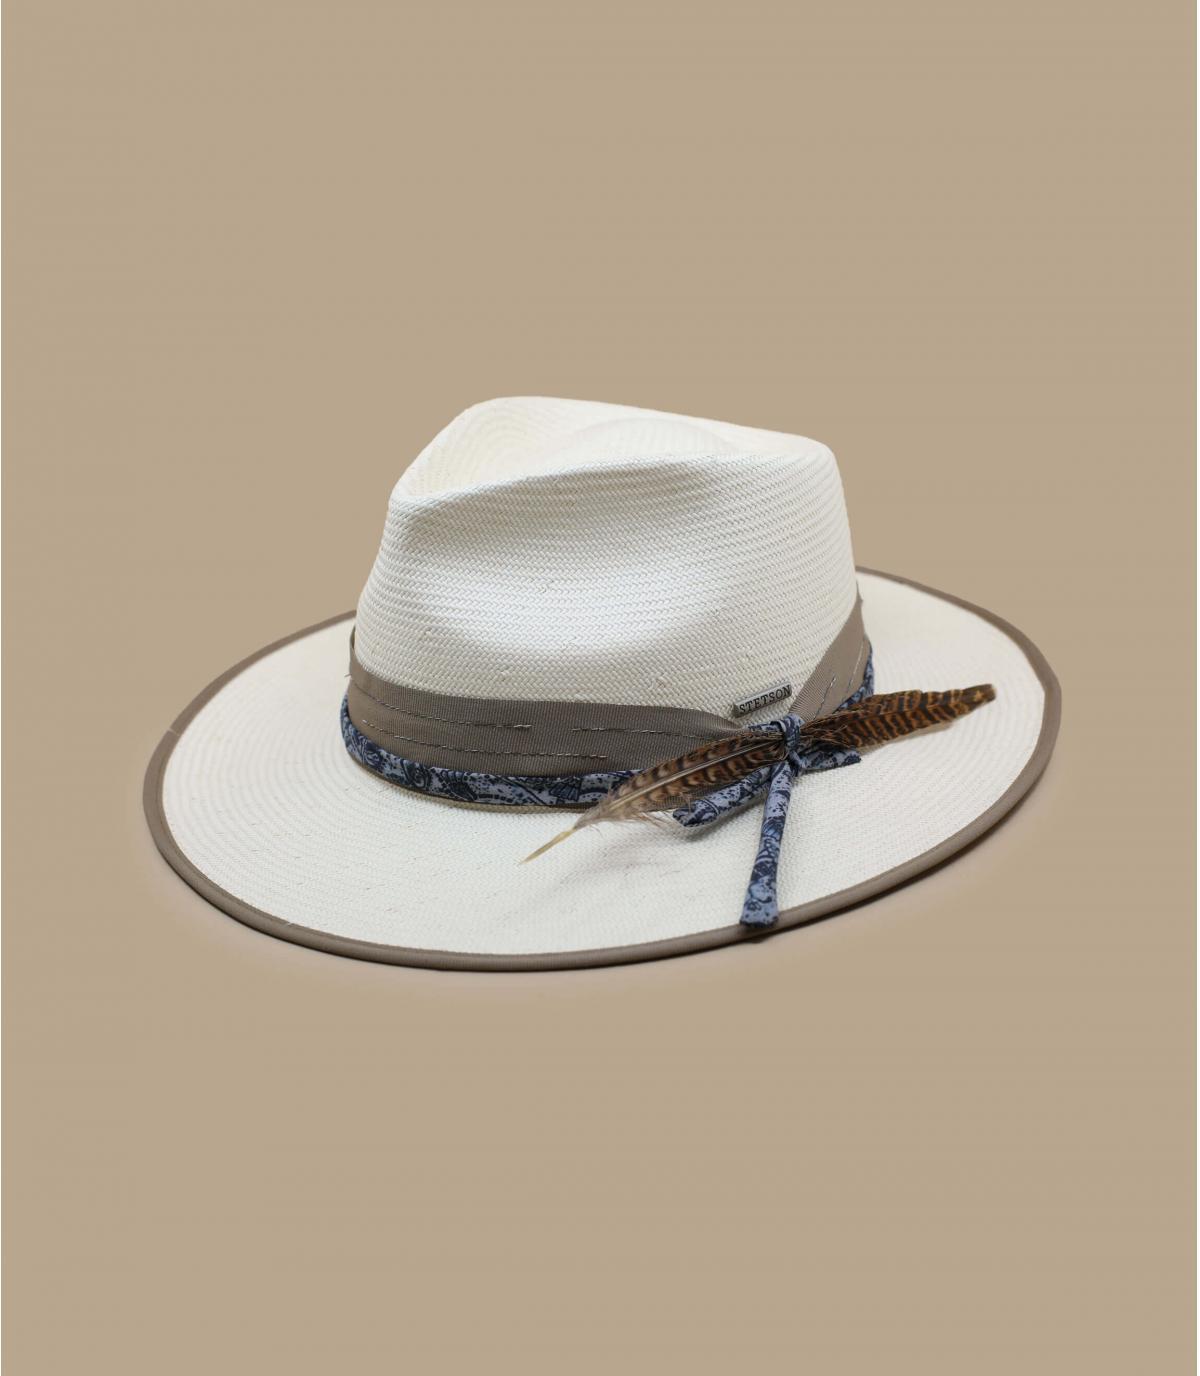 Strohhut Stetson weiß